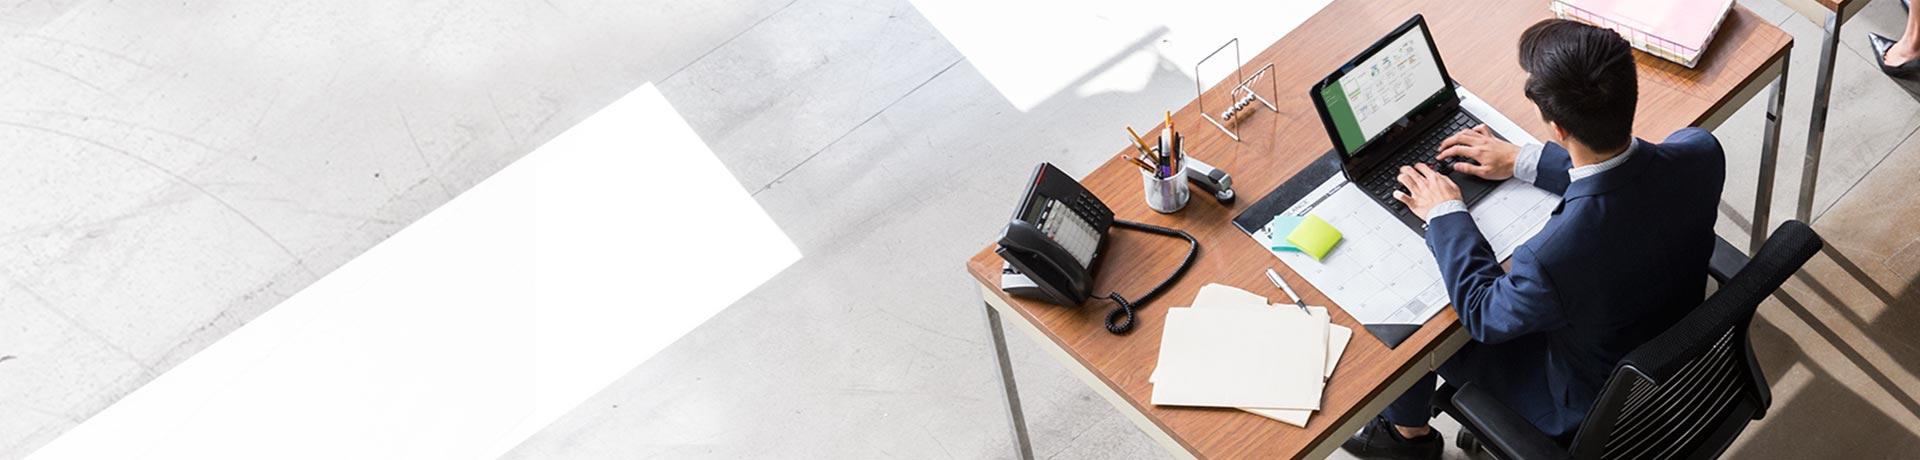 Mand, der sidder ved et skrivebord på et kontor og arbejder på en Microsoft Project-fil på en bærbar computer.